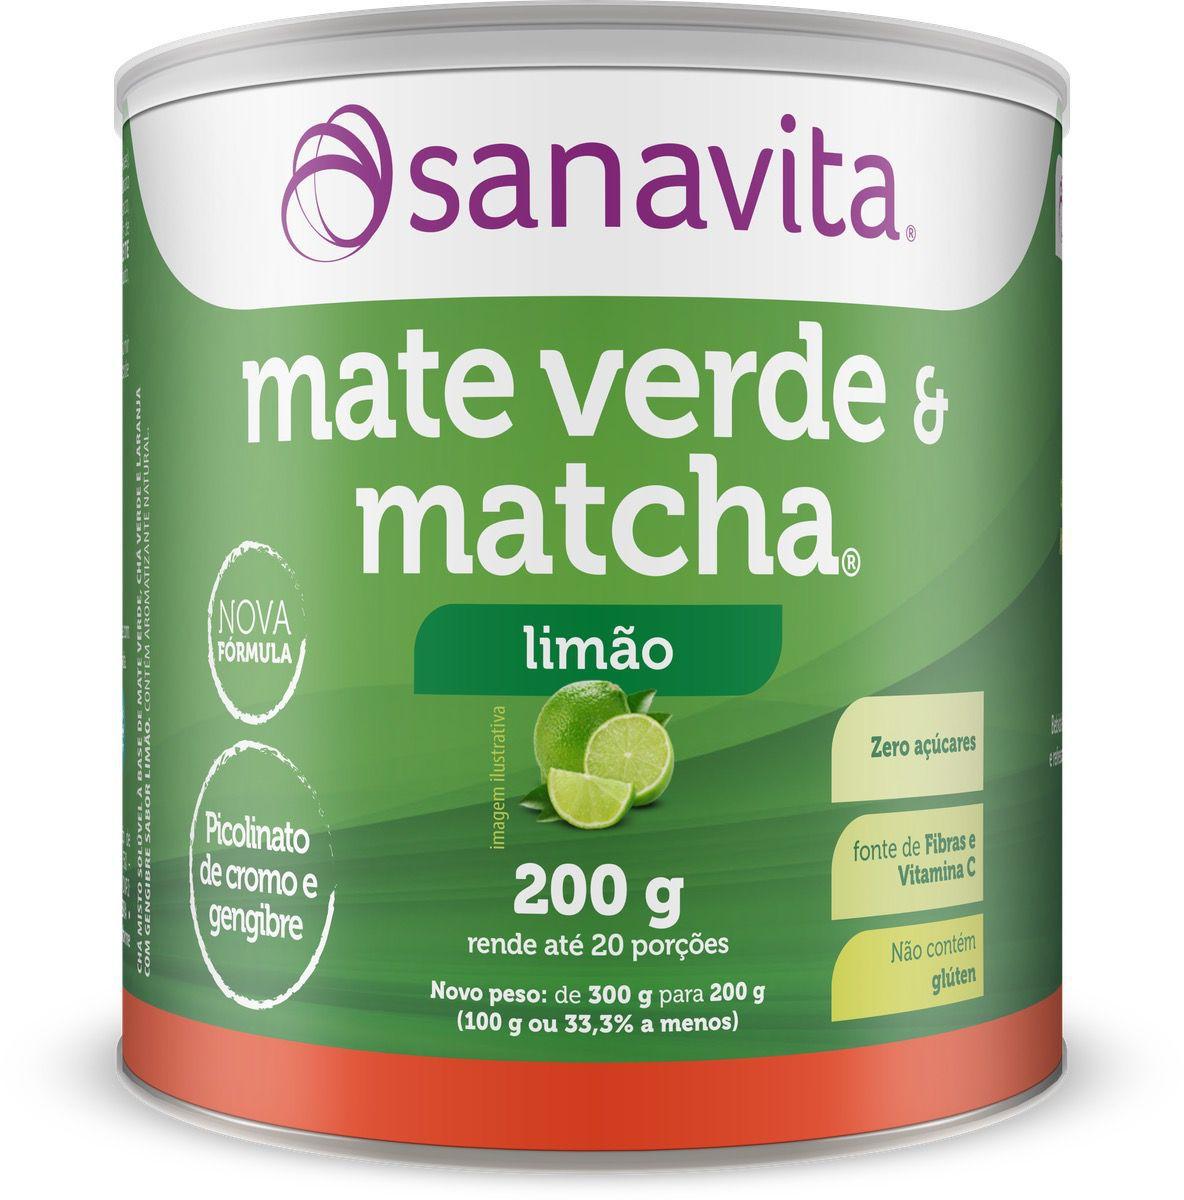 MATE VERDE E MATCHA LIMÃO 200G - SANAVITA